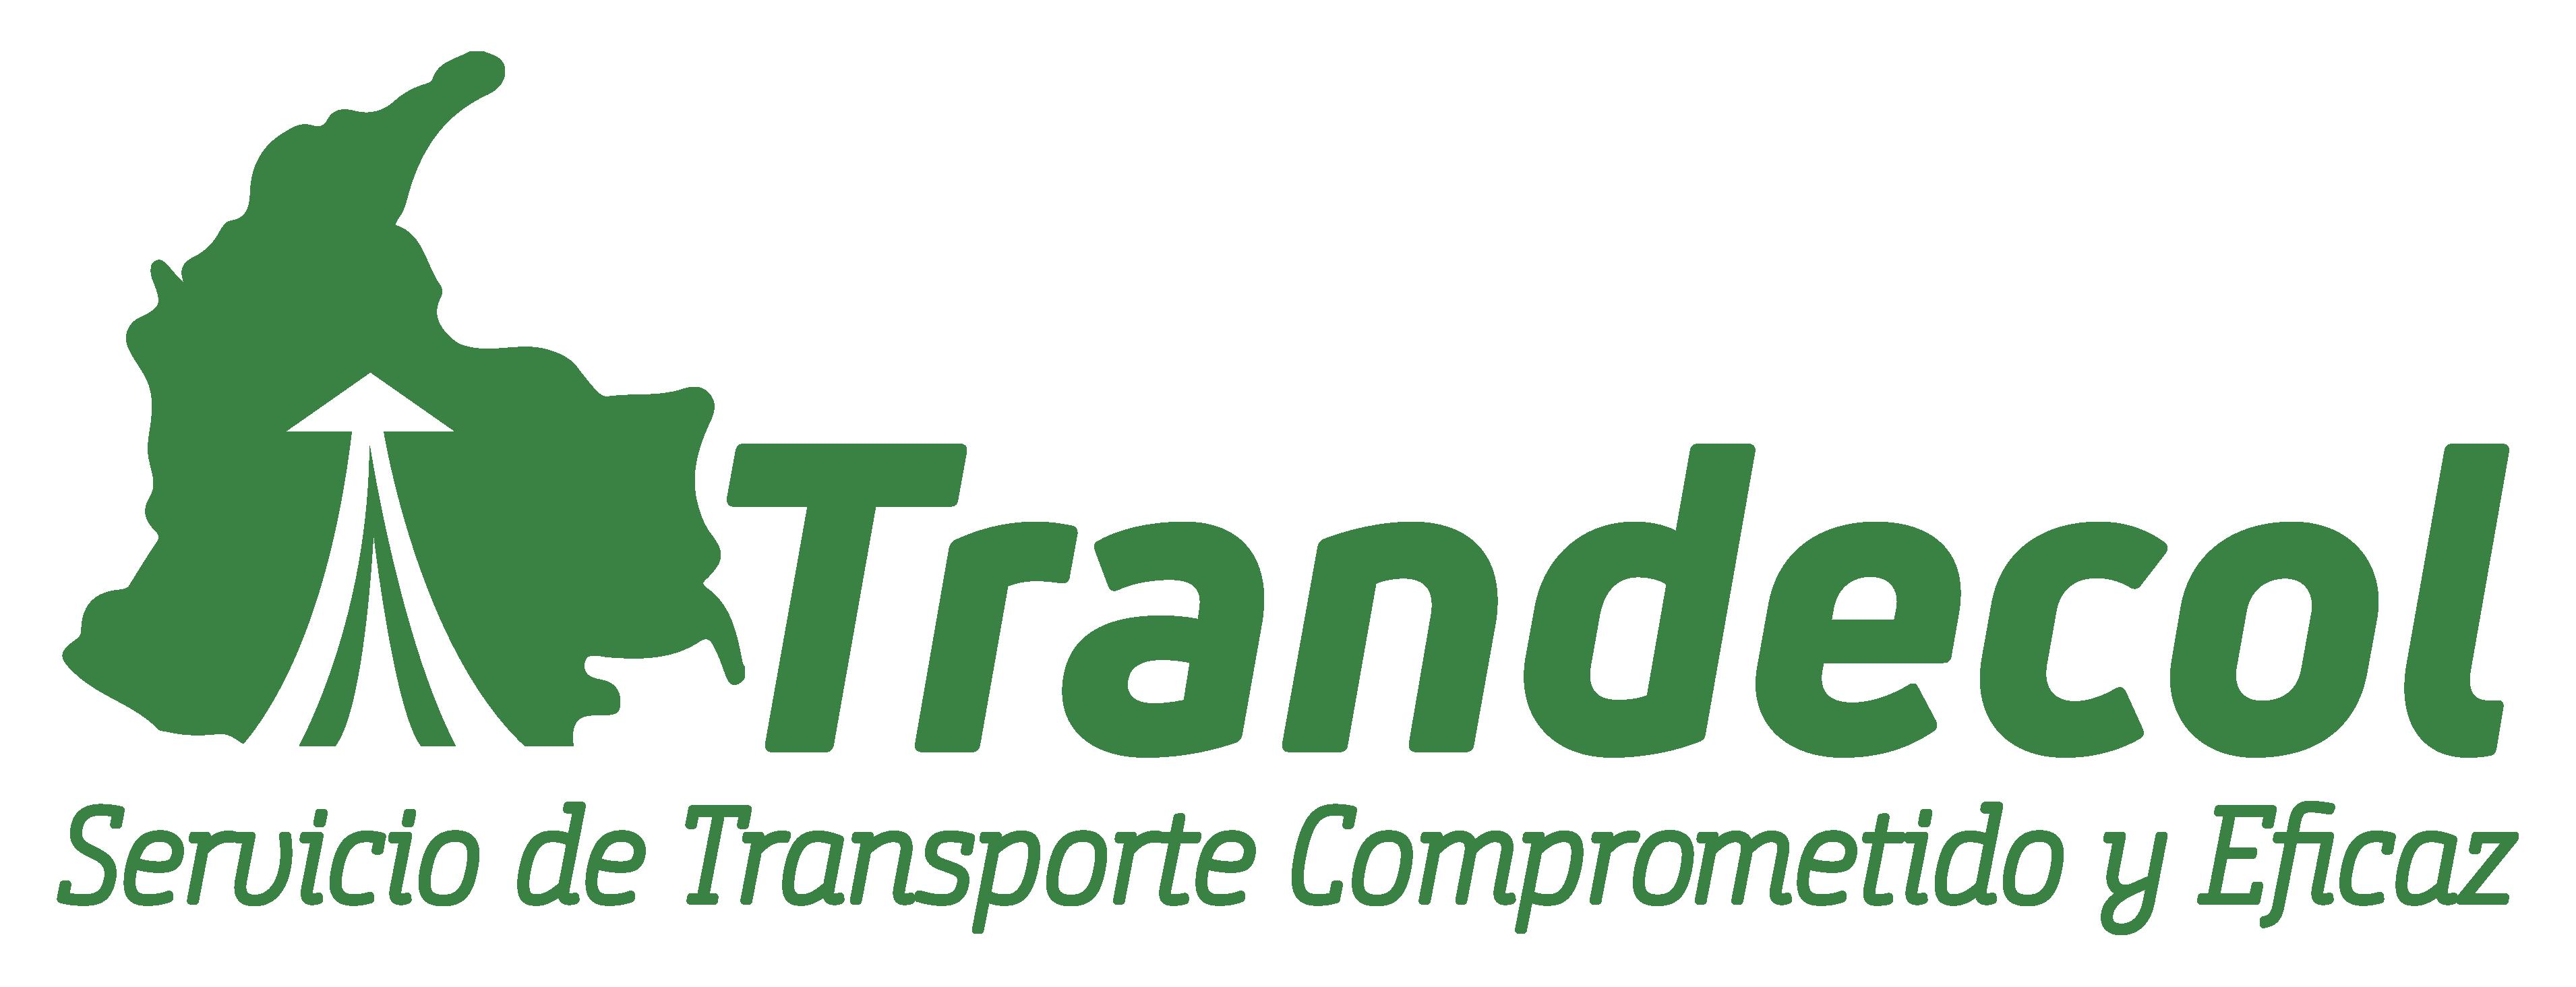 trandecol_logo_web